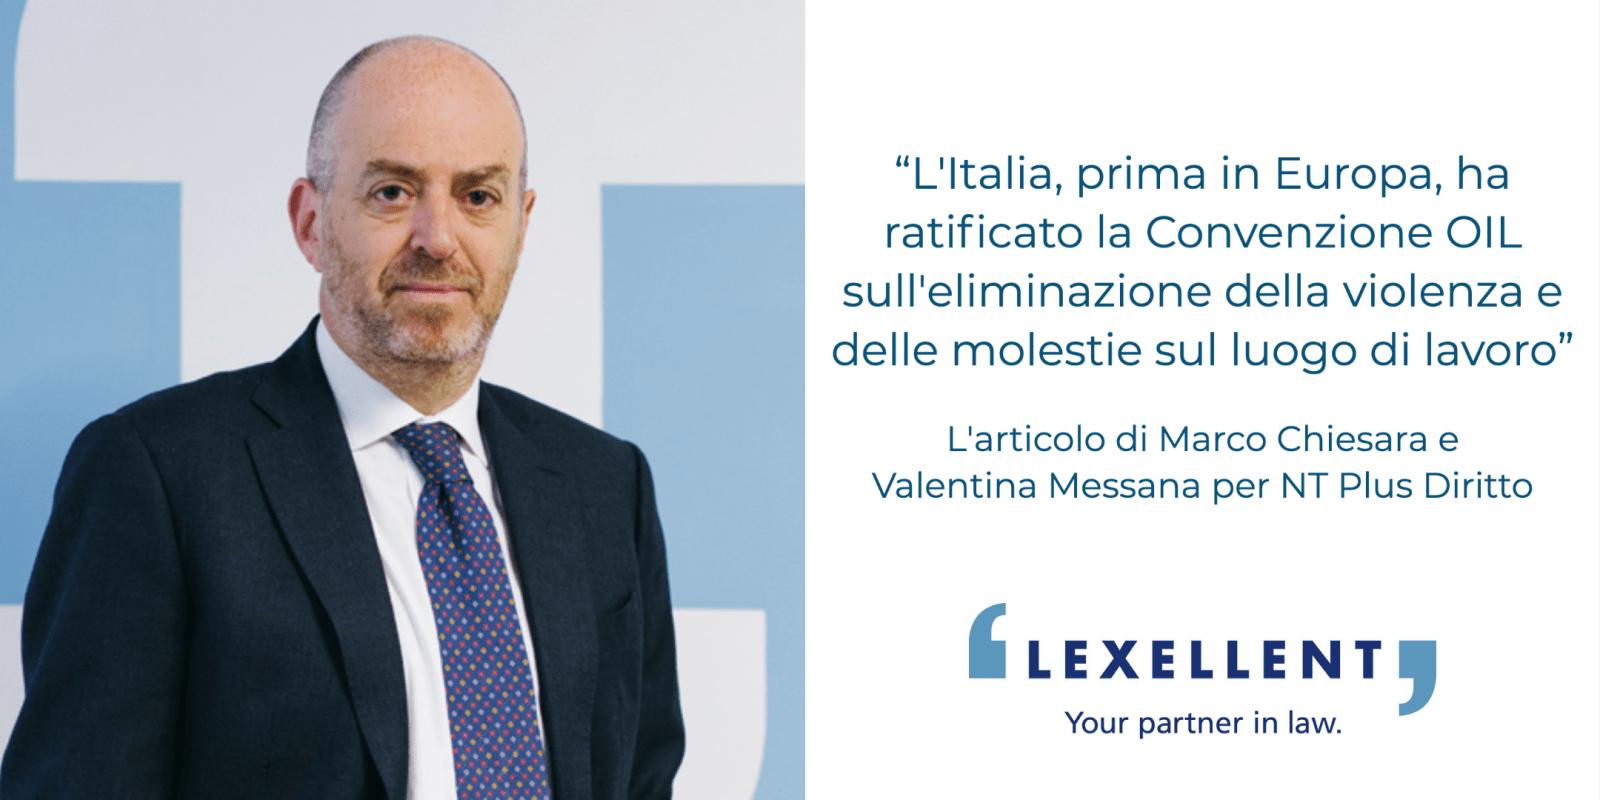 """""""L'Italia, prima in Europa, ha ratificato la Convenzione OIL sull'eliminazione della violenza e delle molestie sul luogo di lavoro"""" l'articolo di Marco Chiesara e Valentina Messana per NT Plus"""